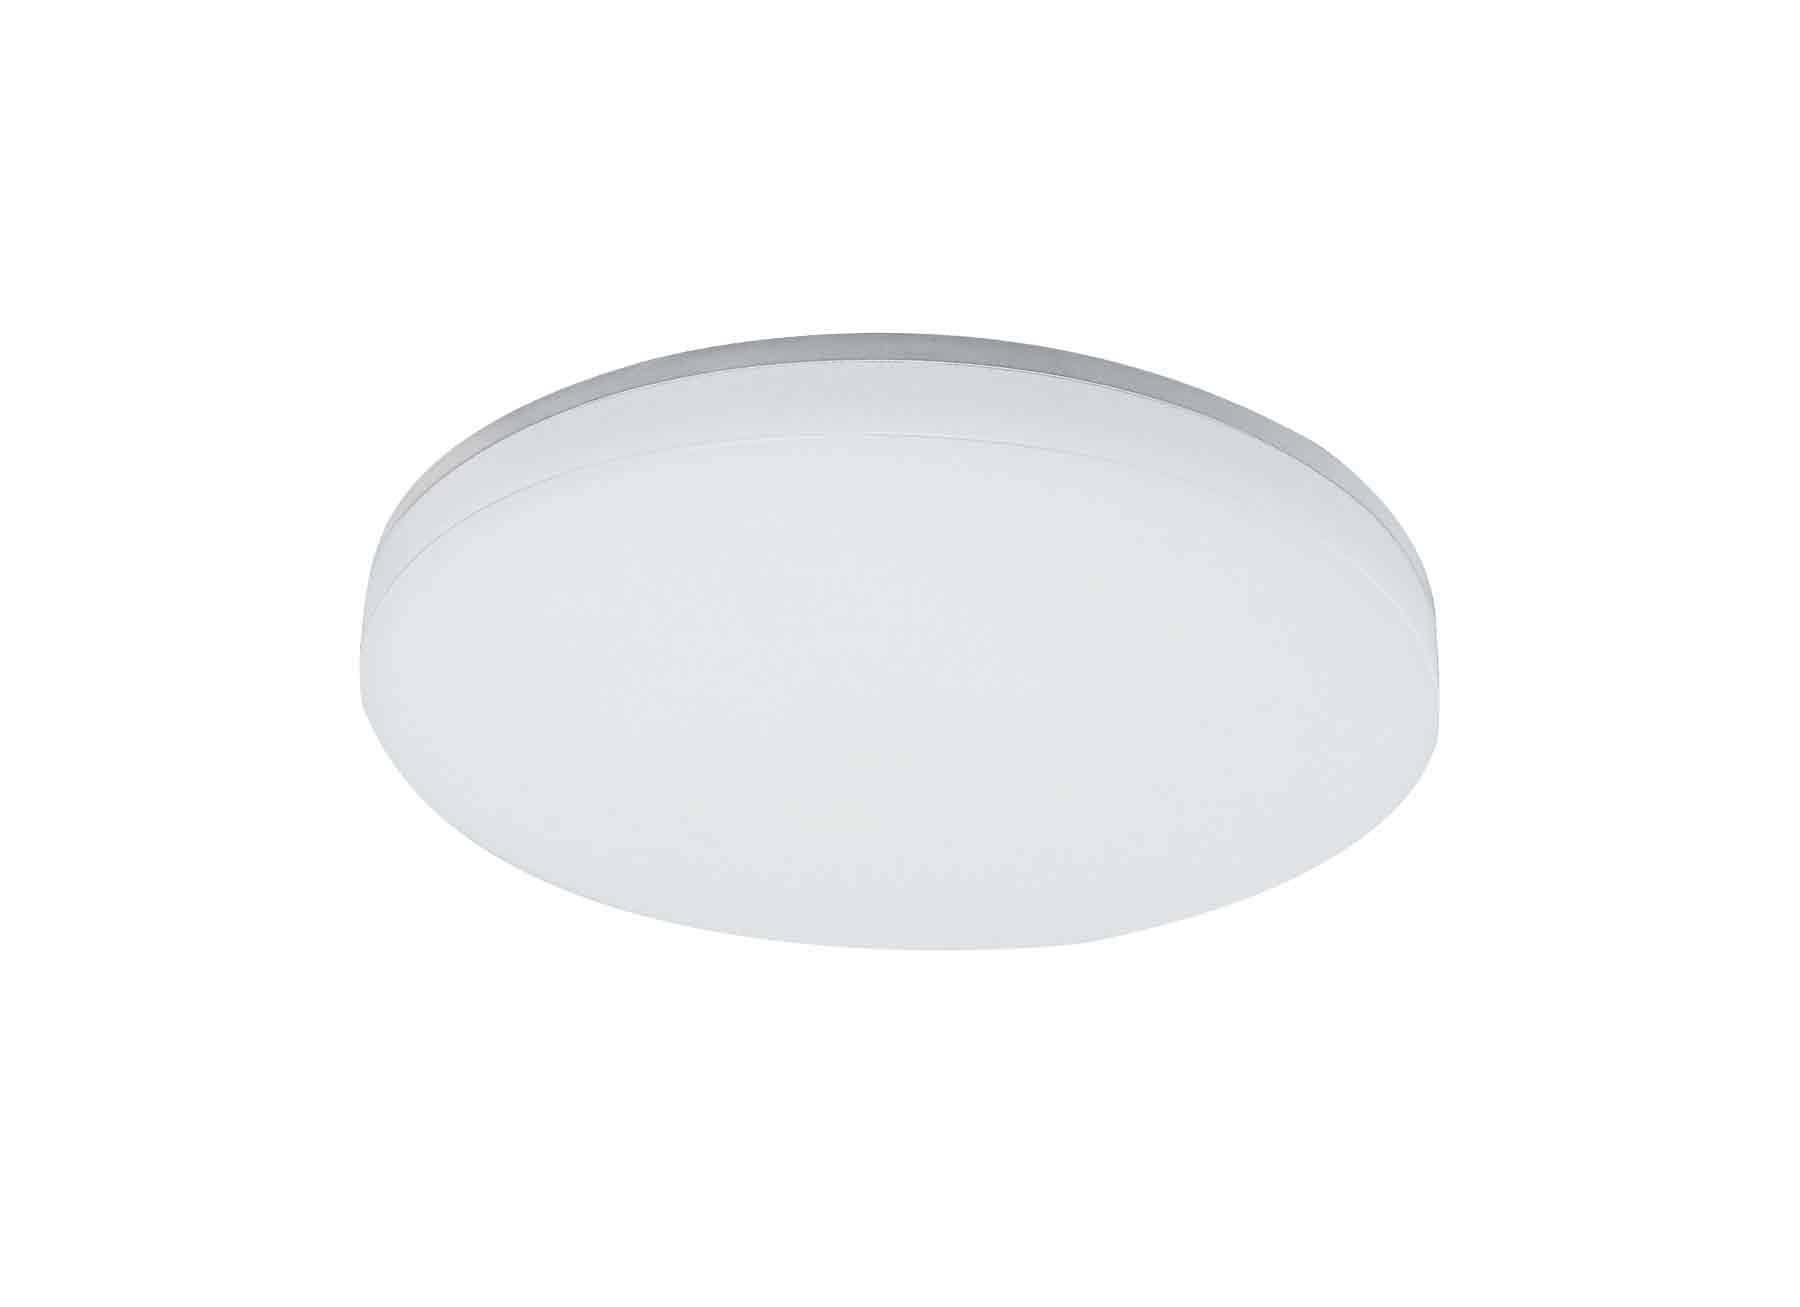 LED Wand/Deckenleuchte 15W 1250lm 3000K Ø220 IP65